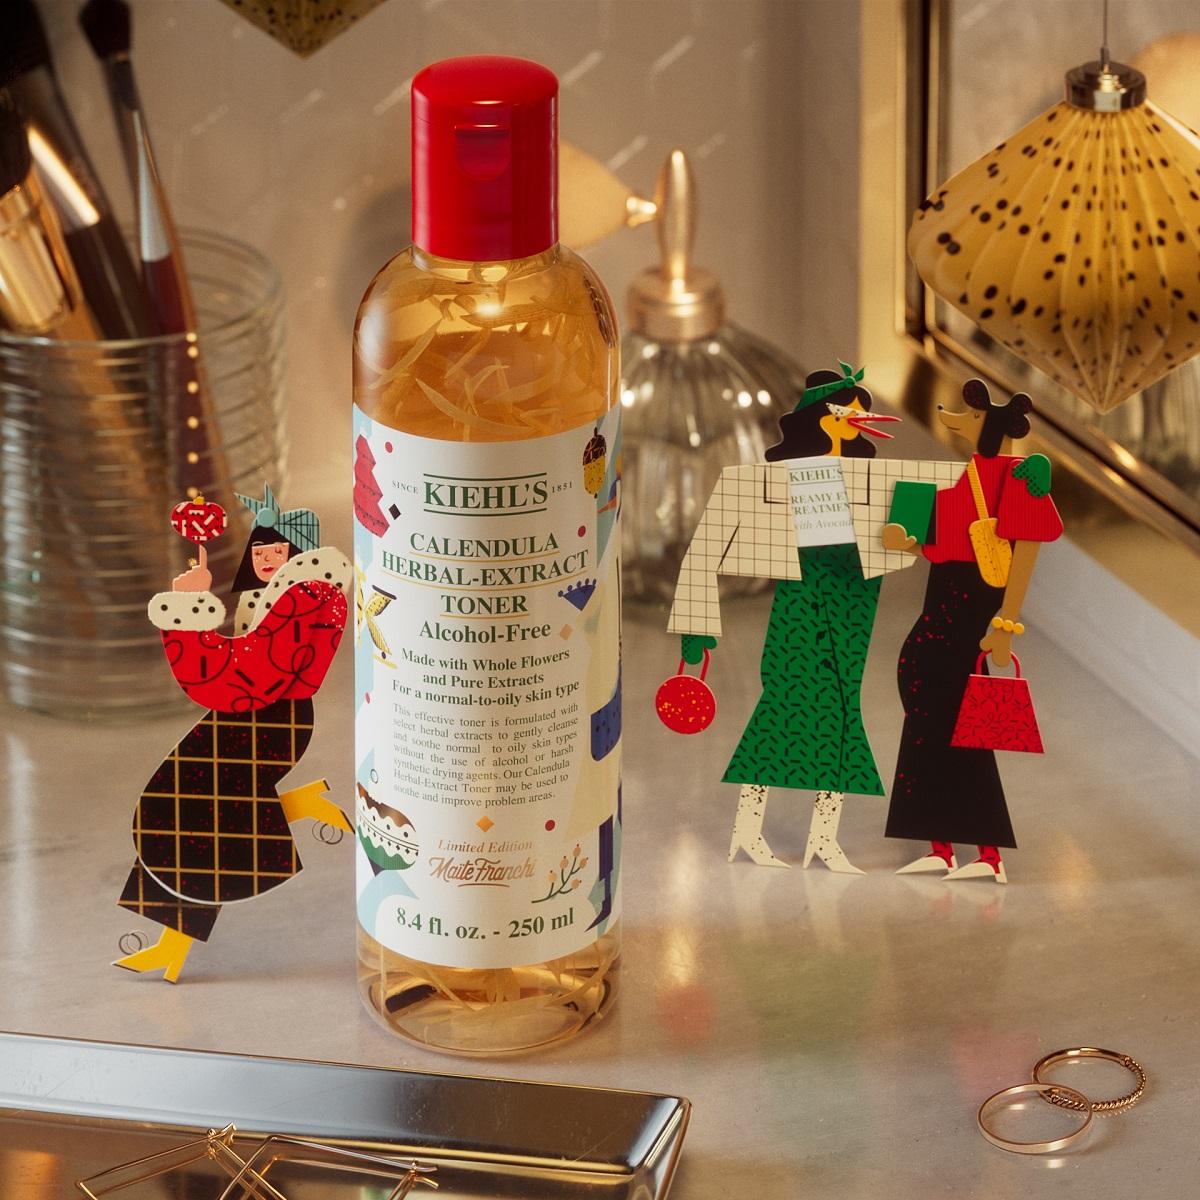 Nước cân bằng da hoa cúc Kiehls Calendula Herbal Extract Alcohol-Free Toner 250 ml là sản phẩm tiếp theo sở hữu thiết kế mới nhân dịp lễ hội. Đây cũng là phiên bản giới hạn được hãng dược mỹ phẩm Kiehls bán độc quyền trên Lazada với mức giá ưu đãi chỉ 1 triệu đồng. Thành phần chiết xuất từ hoa cúc được chọn lọc và hái bằng tay; an toàn, lành tính cho da; giúp làm sạch da dịu nhẹ; cân bằng độ ẩm cho da và làm đều màu da; thích hợp cho da thường, da dầu và cả da nhạy cảm.Bên cạnh mức giá ưu đãi, Kiehls và Lazada còn đặc biệt tặng kèm set quà trị giá đến 600.000 đồng khi mua sản phẩm trên. Với những đơn hàng khác từ thương hiệu, Kiehls tặng kèm quà trị giá 300.000 đồng. Bạn còn có cơ hội nhận thêm quà tặng trong khung giờ vàng như: 0h-2h tặng set quà 650.000 đồng cho đơn từ 1,5 triệu đồng; 12h-14h tặng Super Serum 30 ml trị giá 200.000 đồng cho mọi đơn hàng; 20h22h tặng mặt nạ đất sét 120.000 đồng.